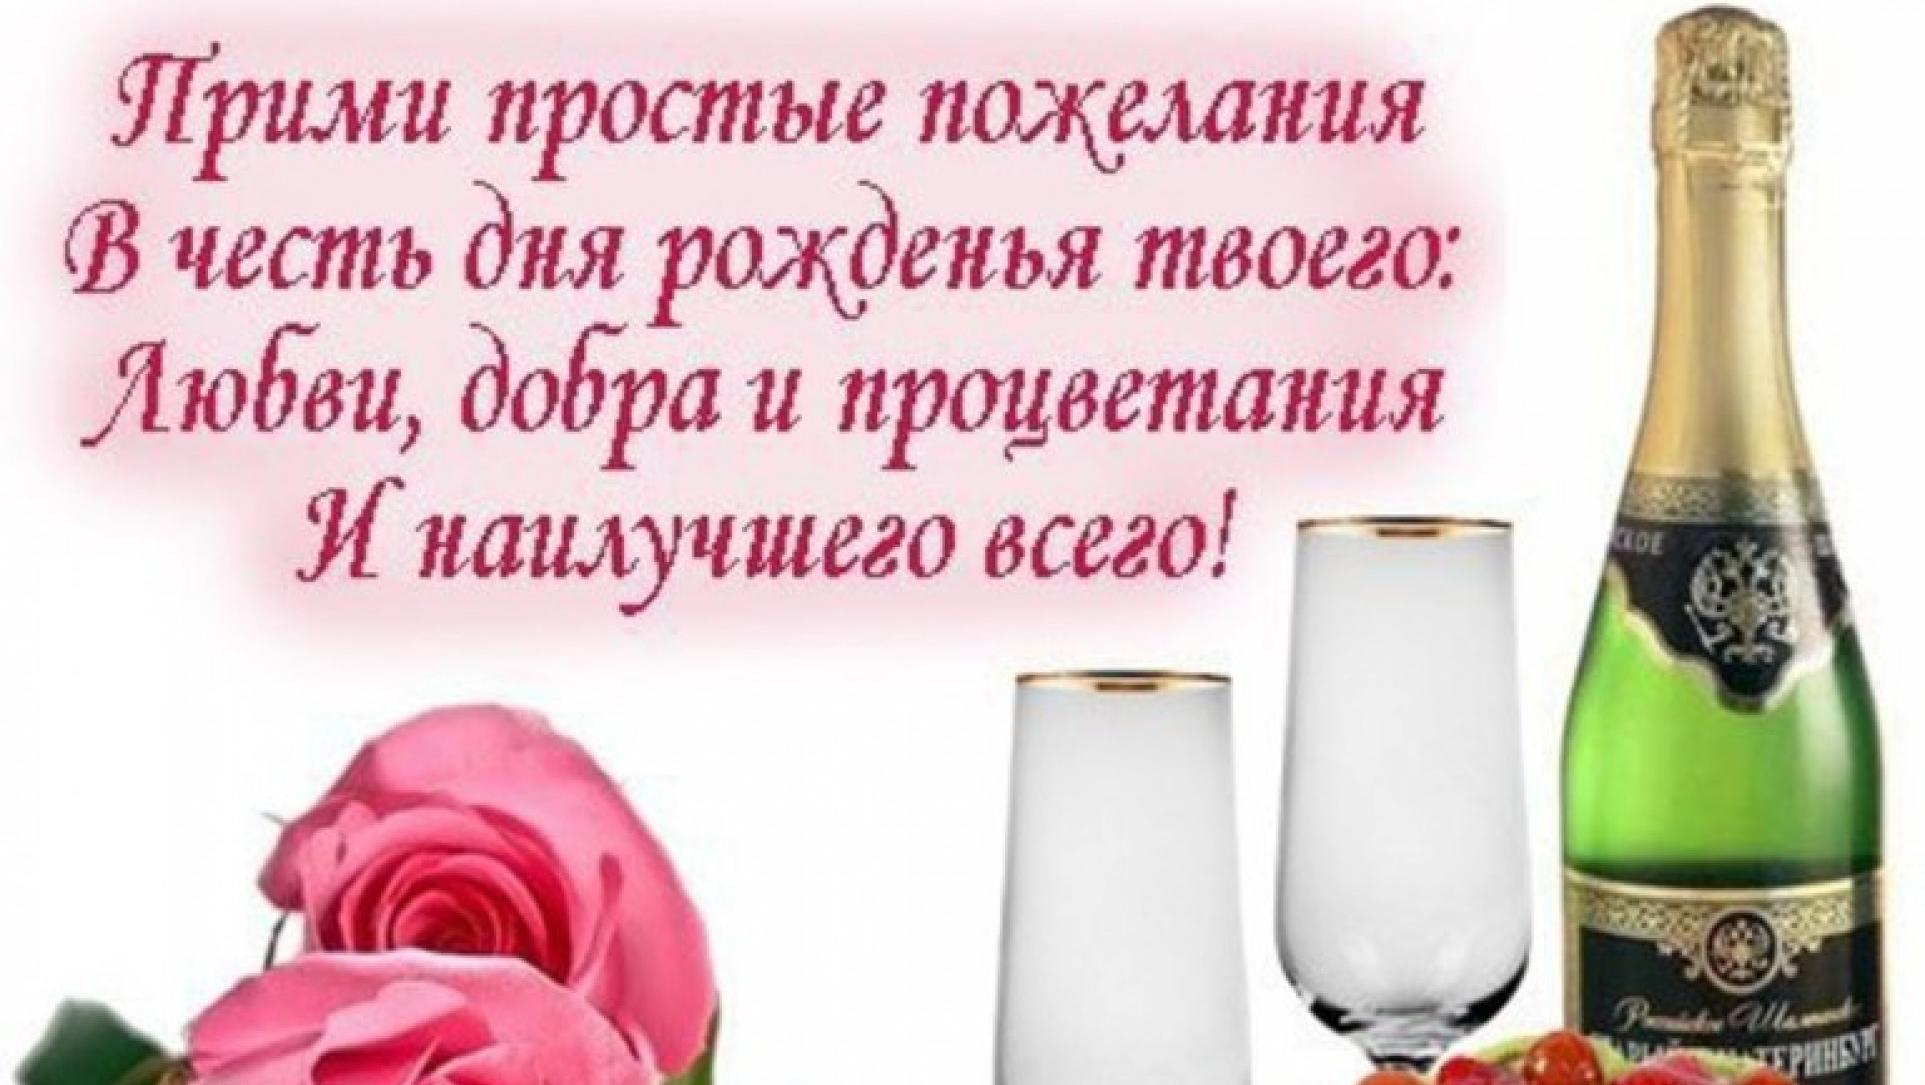 Примите наилучшие поздравления